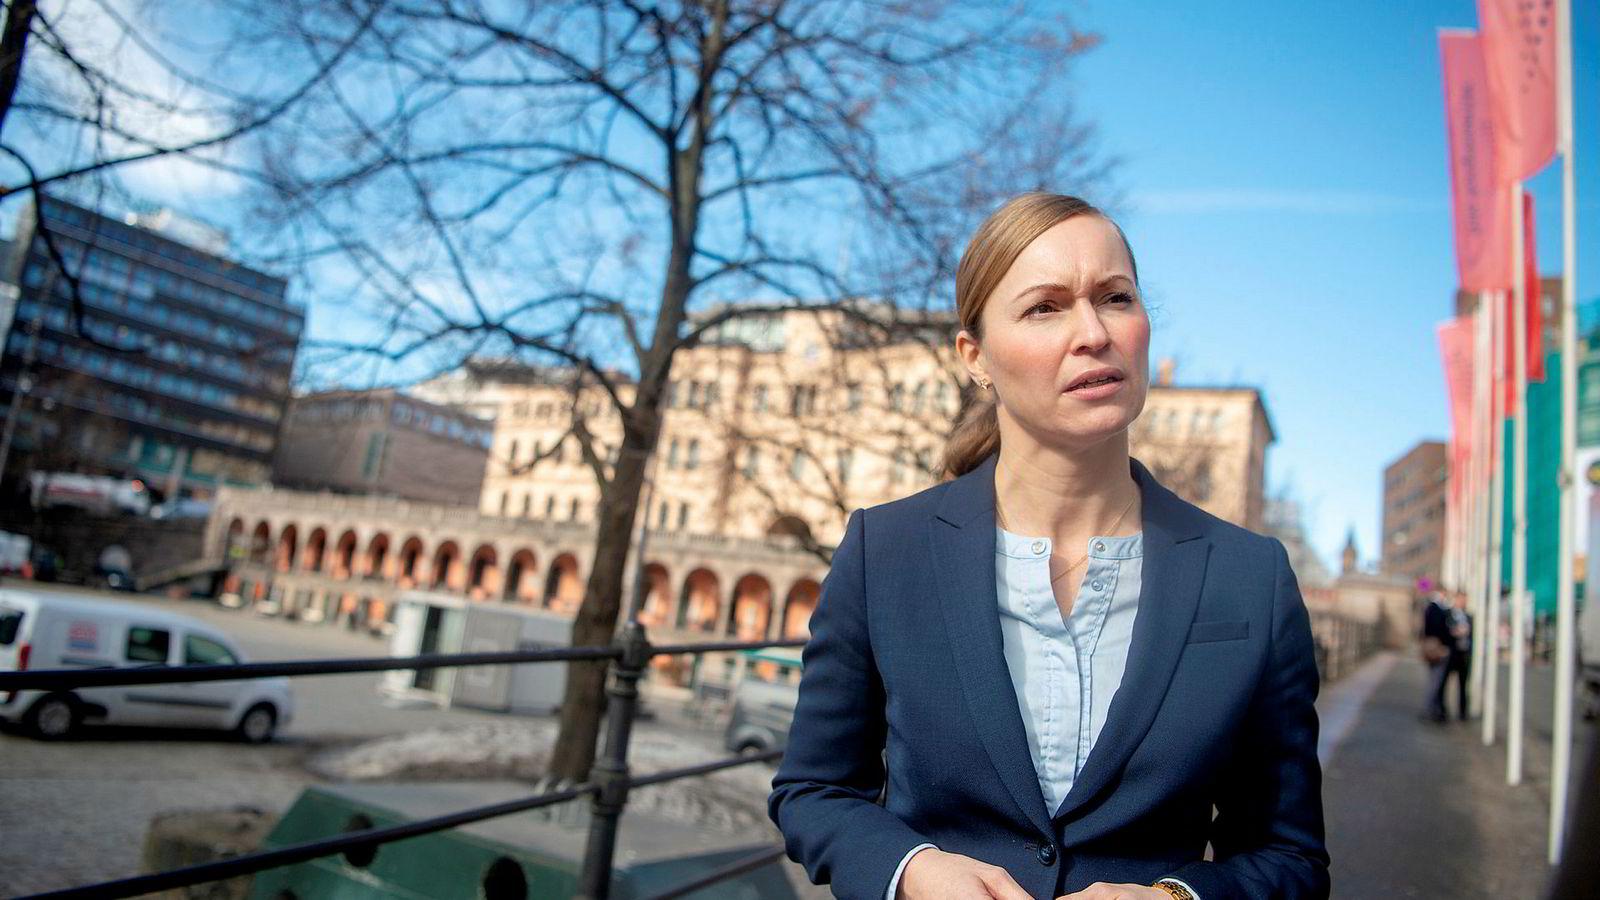 Hanne Blomberg i Politiets sikkerhetstjeneste (PST) ber ansatte og leder i bedrifter være mer bevisst på at etterretningsagenter ofte prøver å rekruttere innsidere.